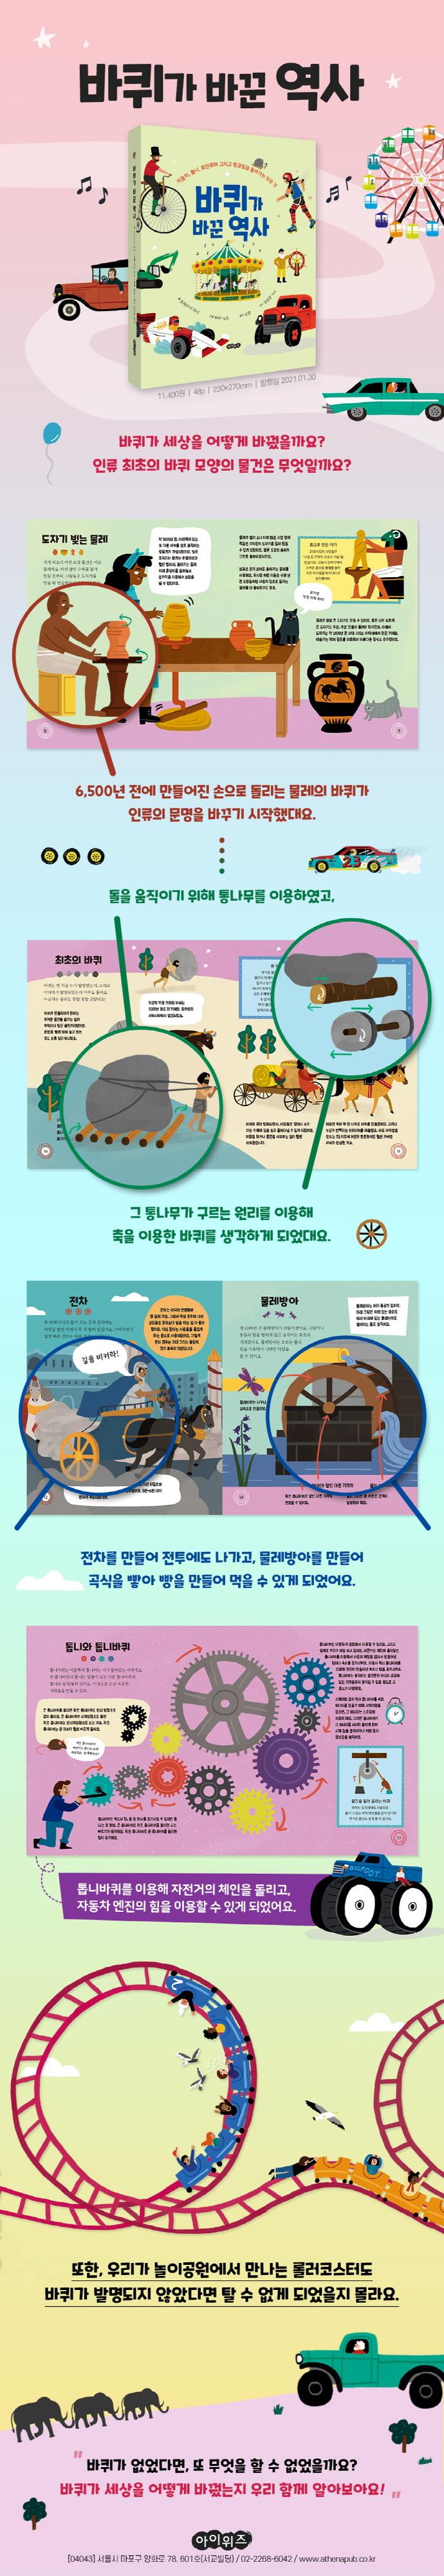 바퀴가 바꾼 역사(양장본 HardCover) 도서 상세이미지